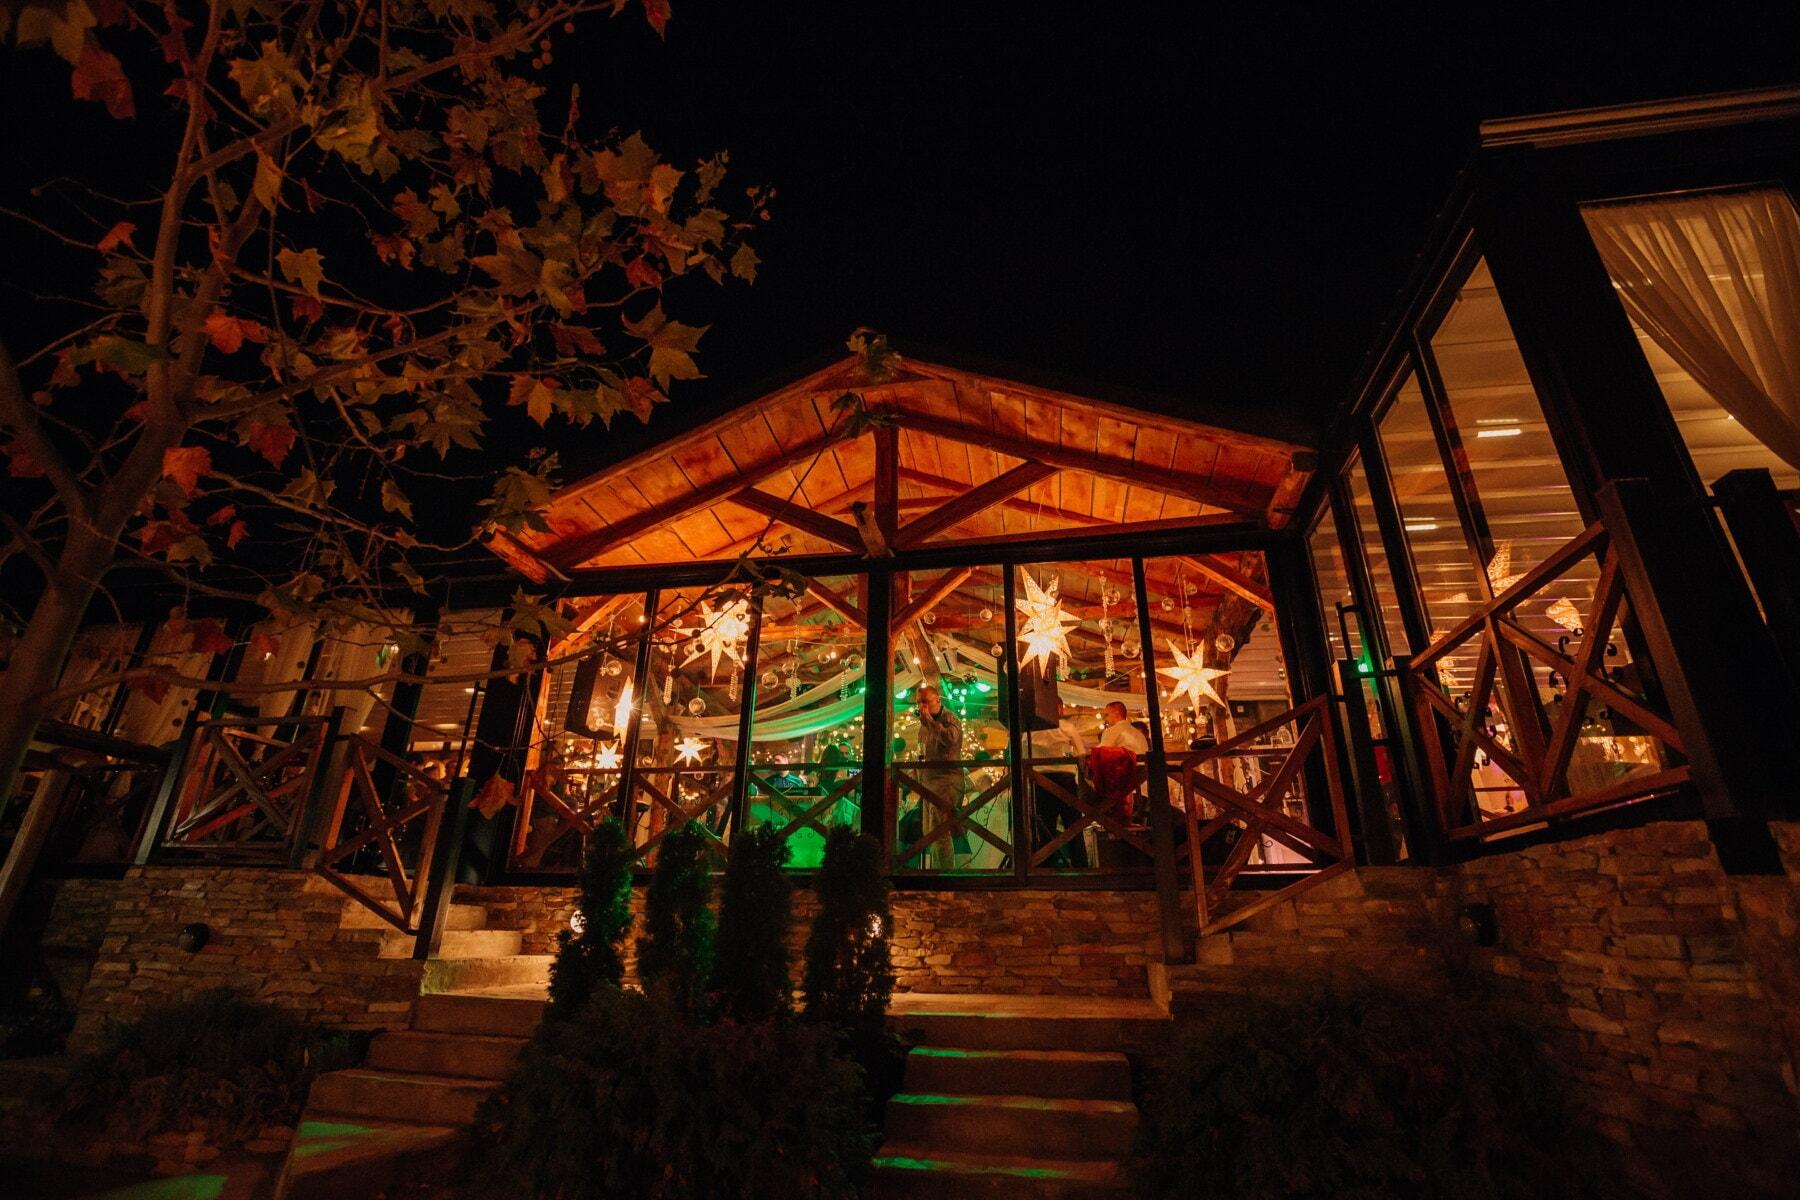 kehidupan malam, Di luar ruangan, klub malam, kantin, partai, Restoran, cahaya, struktur, bangunan, rumah kaca